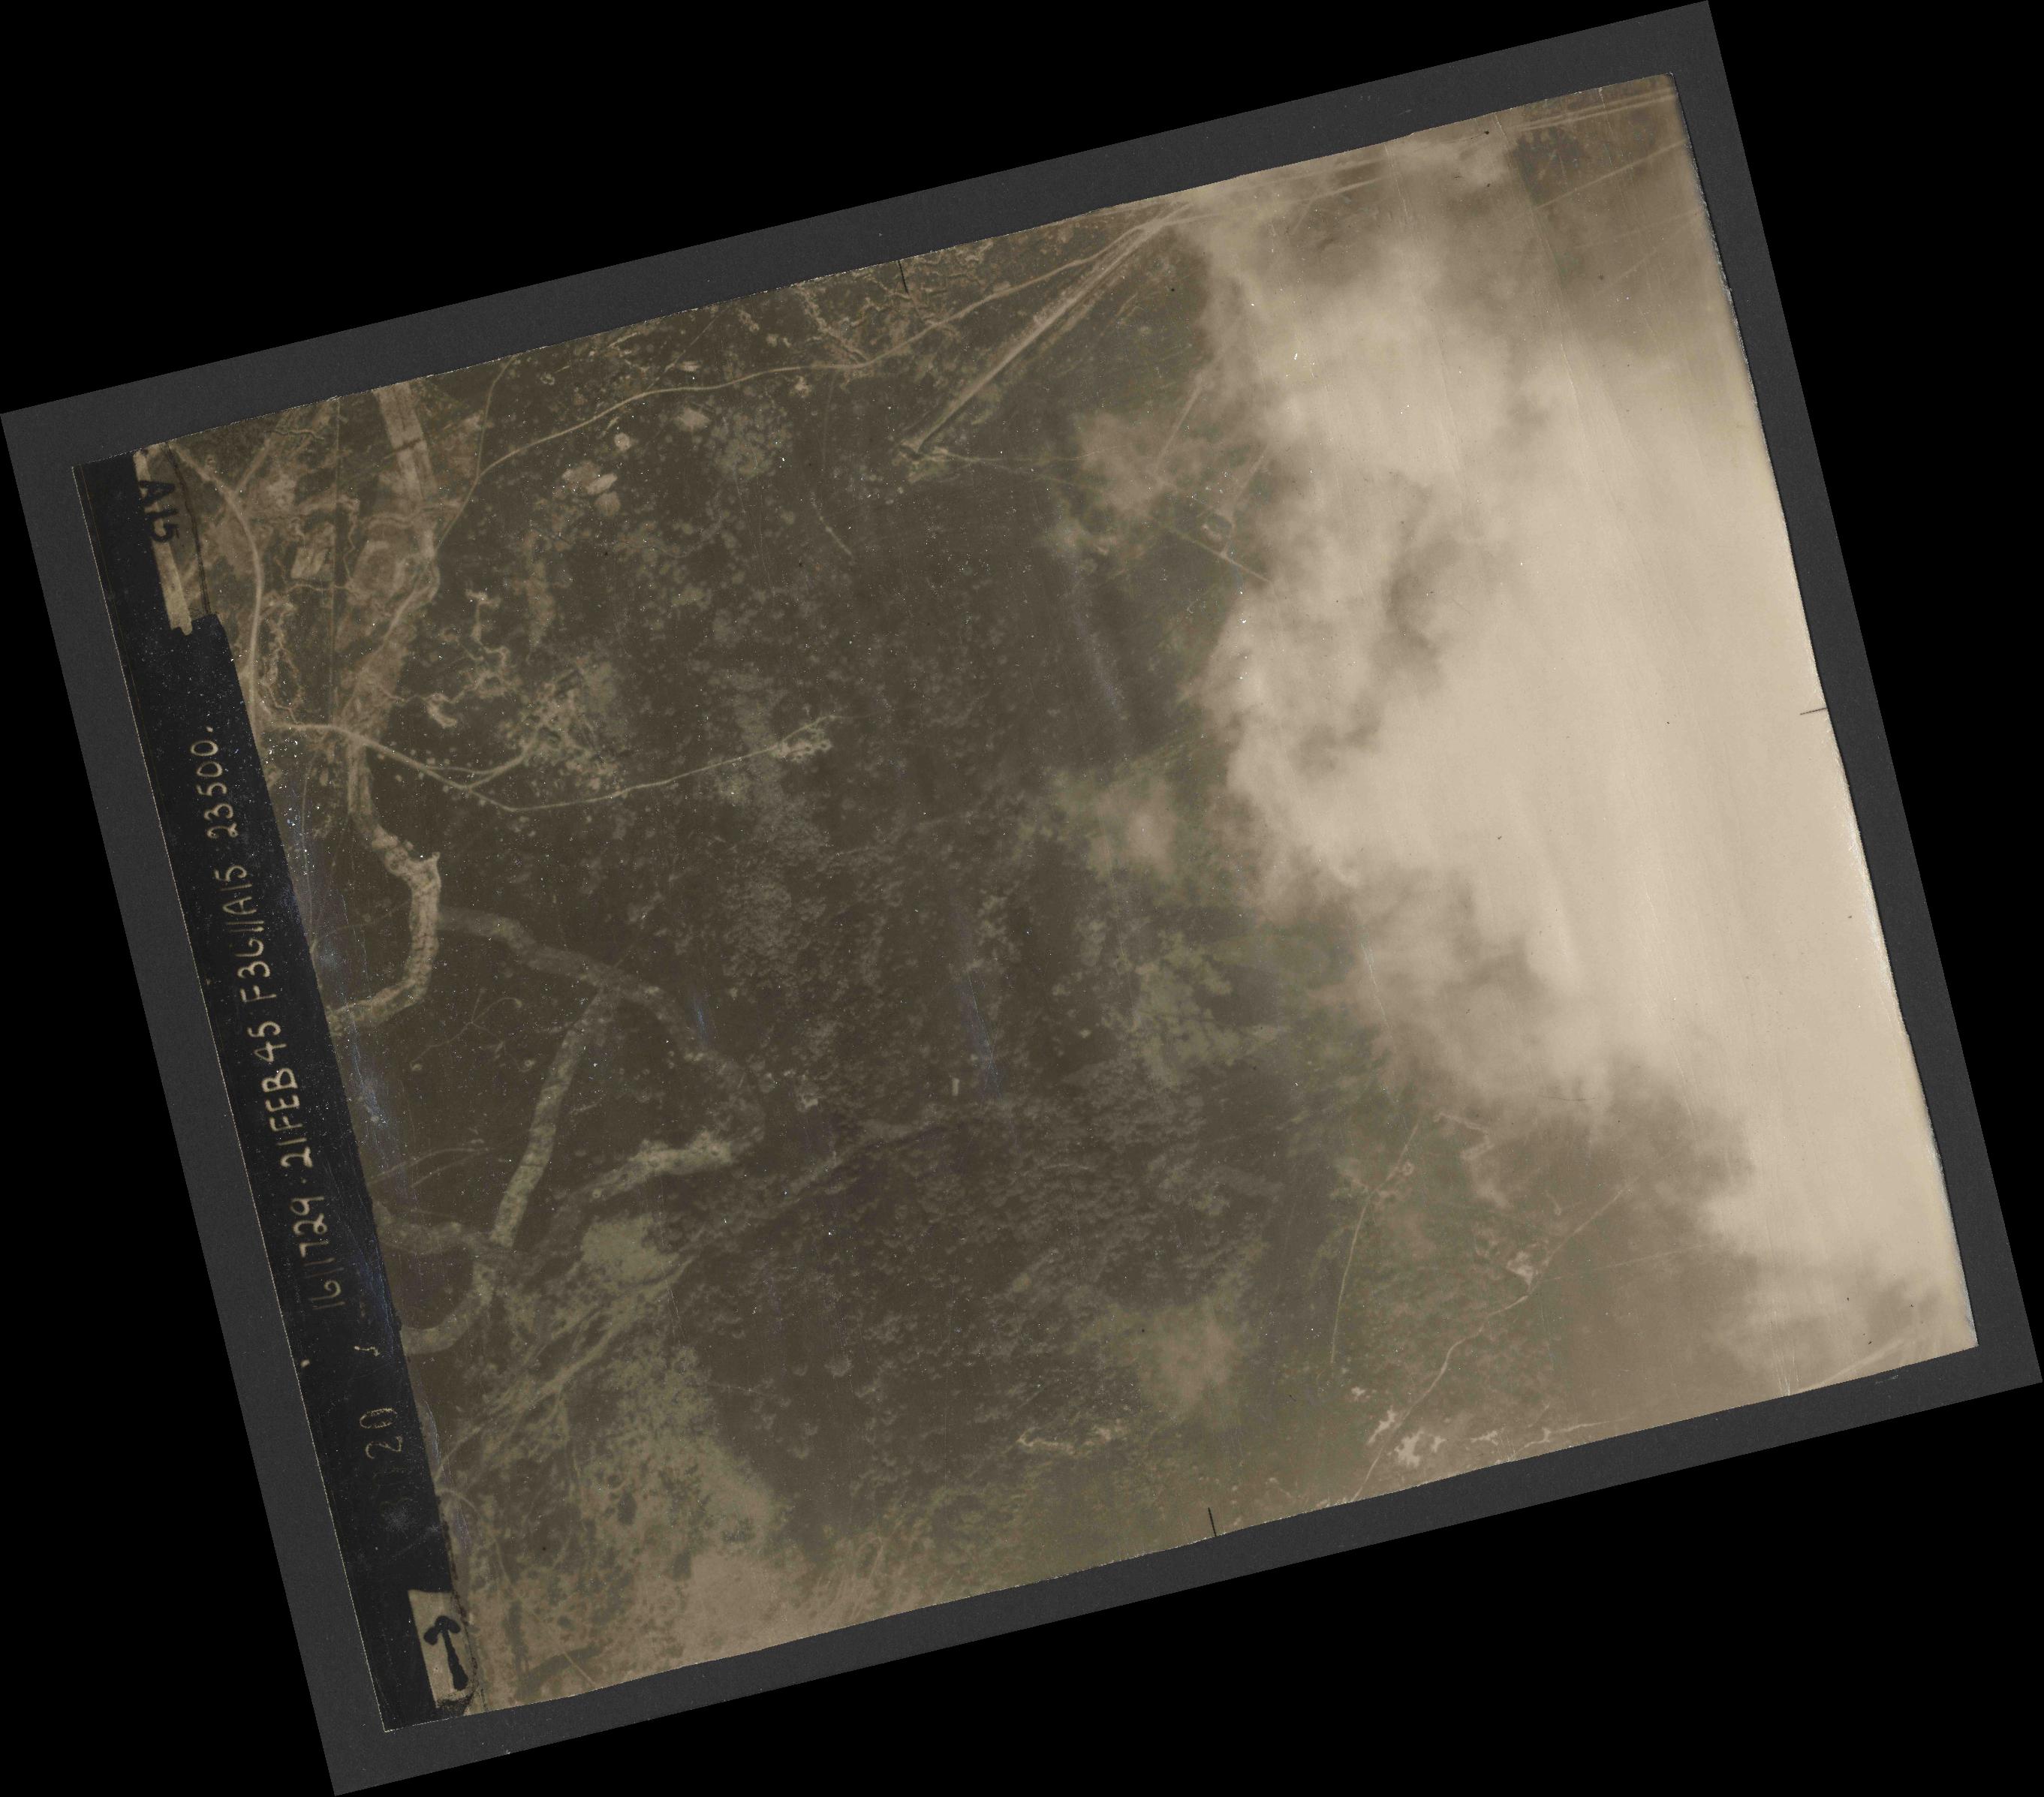 Collection RAF aerial photos 1940-1945 - flight 127, run 03, photo 3020